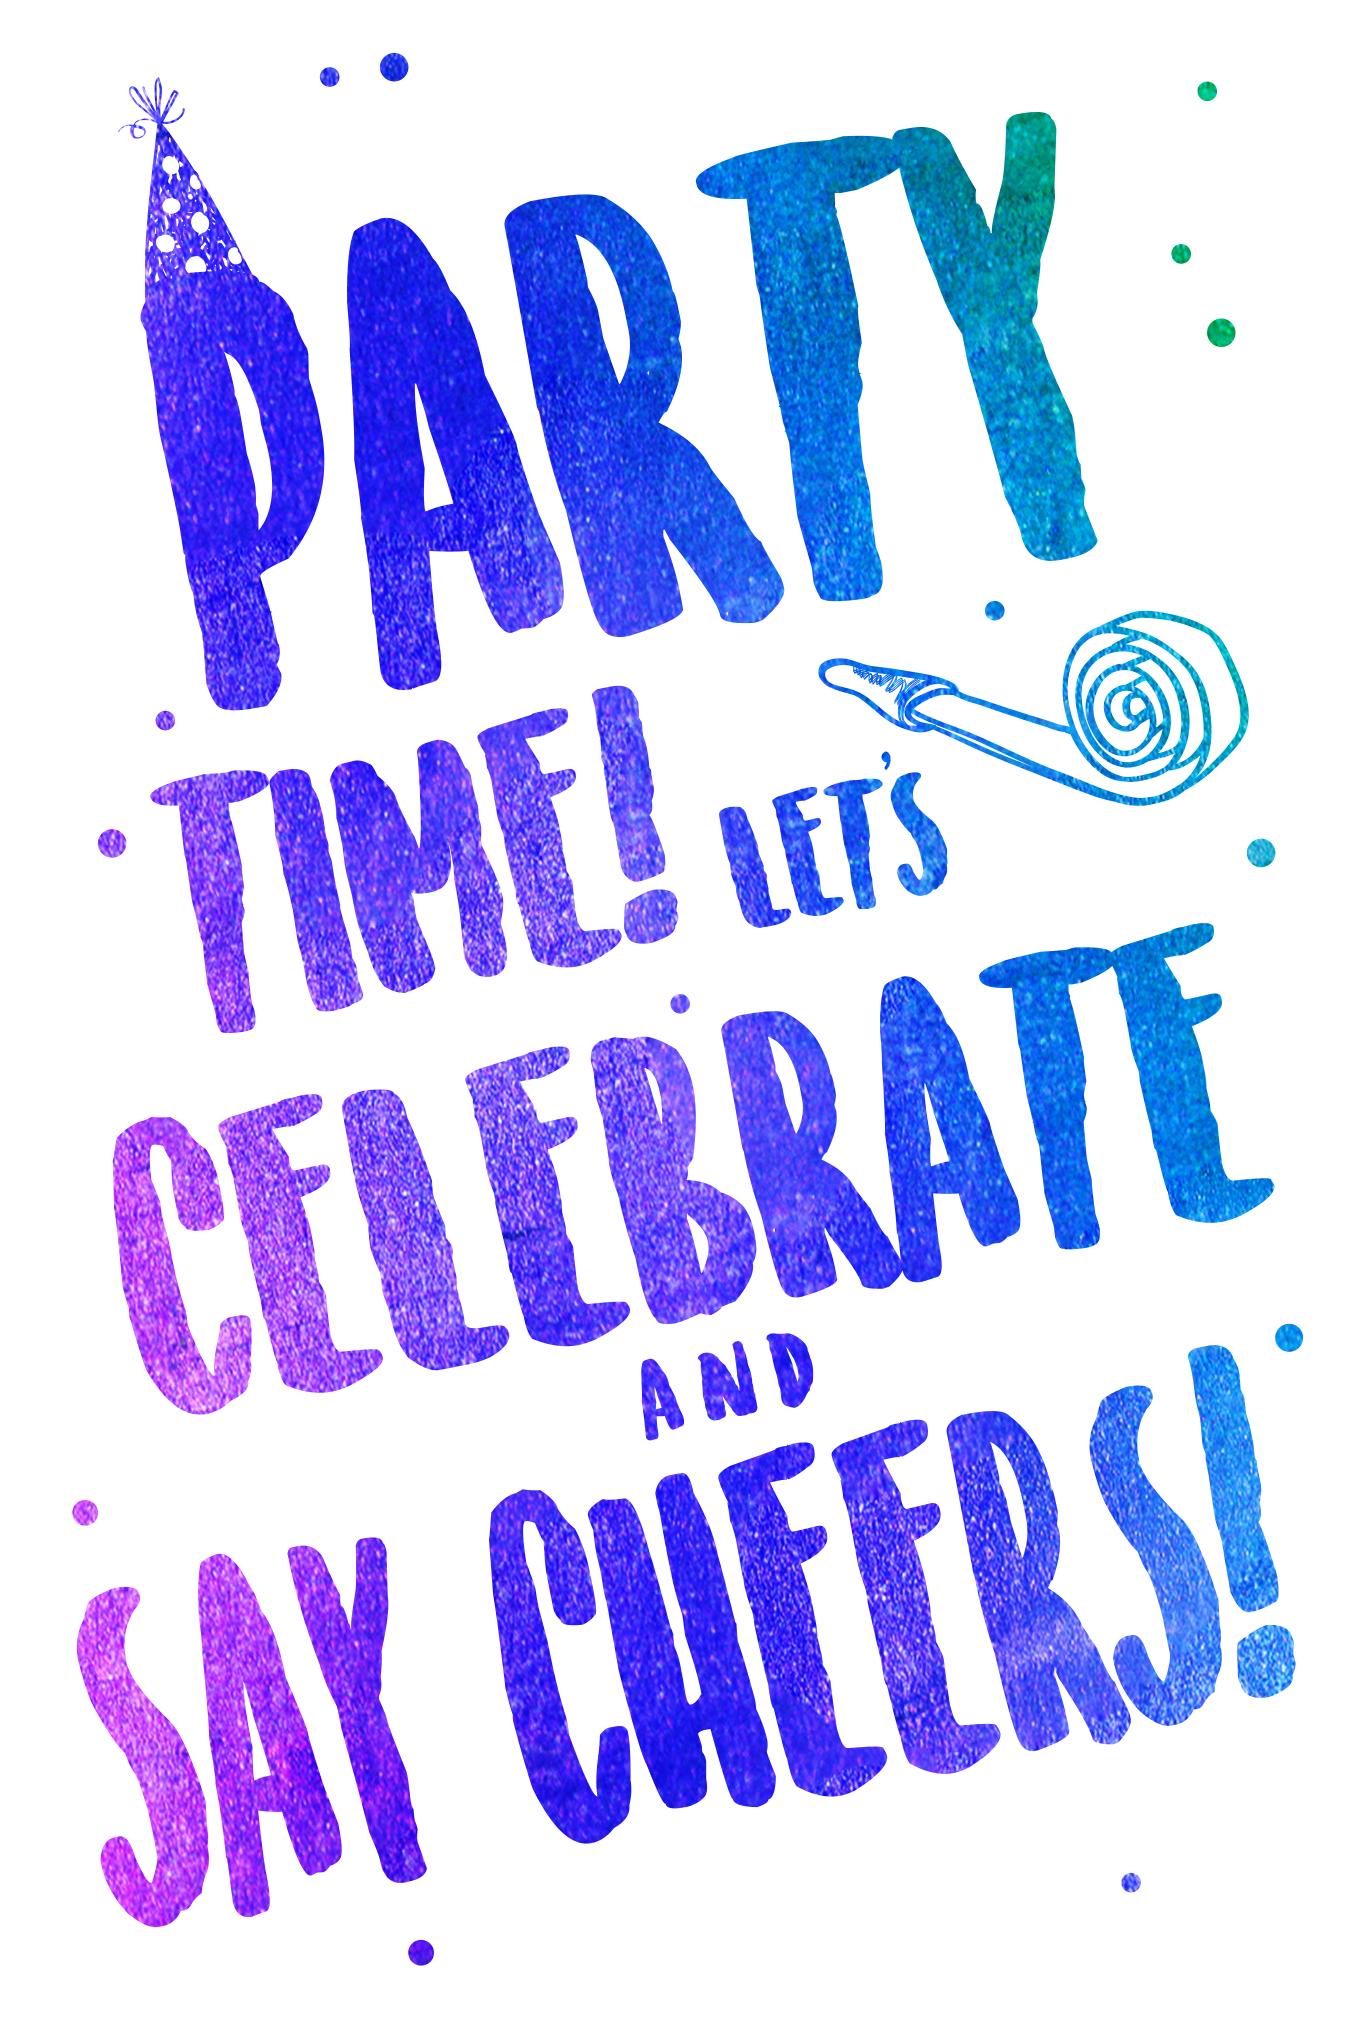 man jarig jarig #verjaardag #birthday #feest #uitnodiging #hipdesign  man jarig